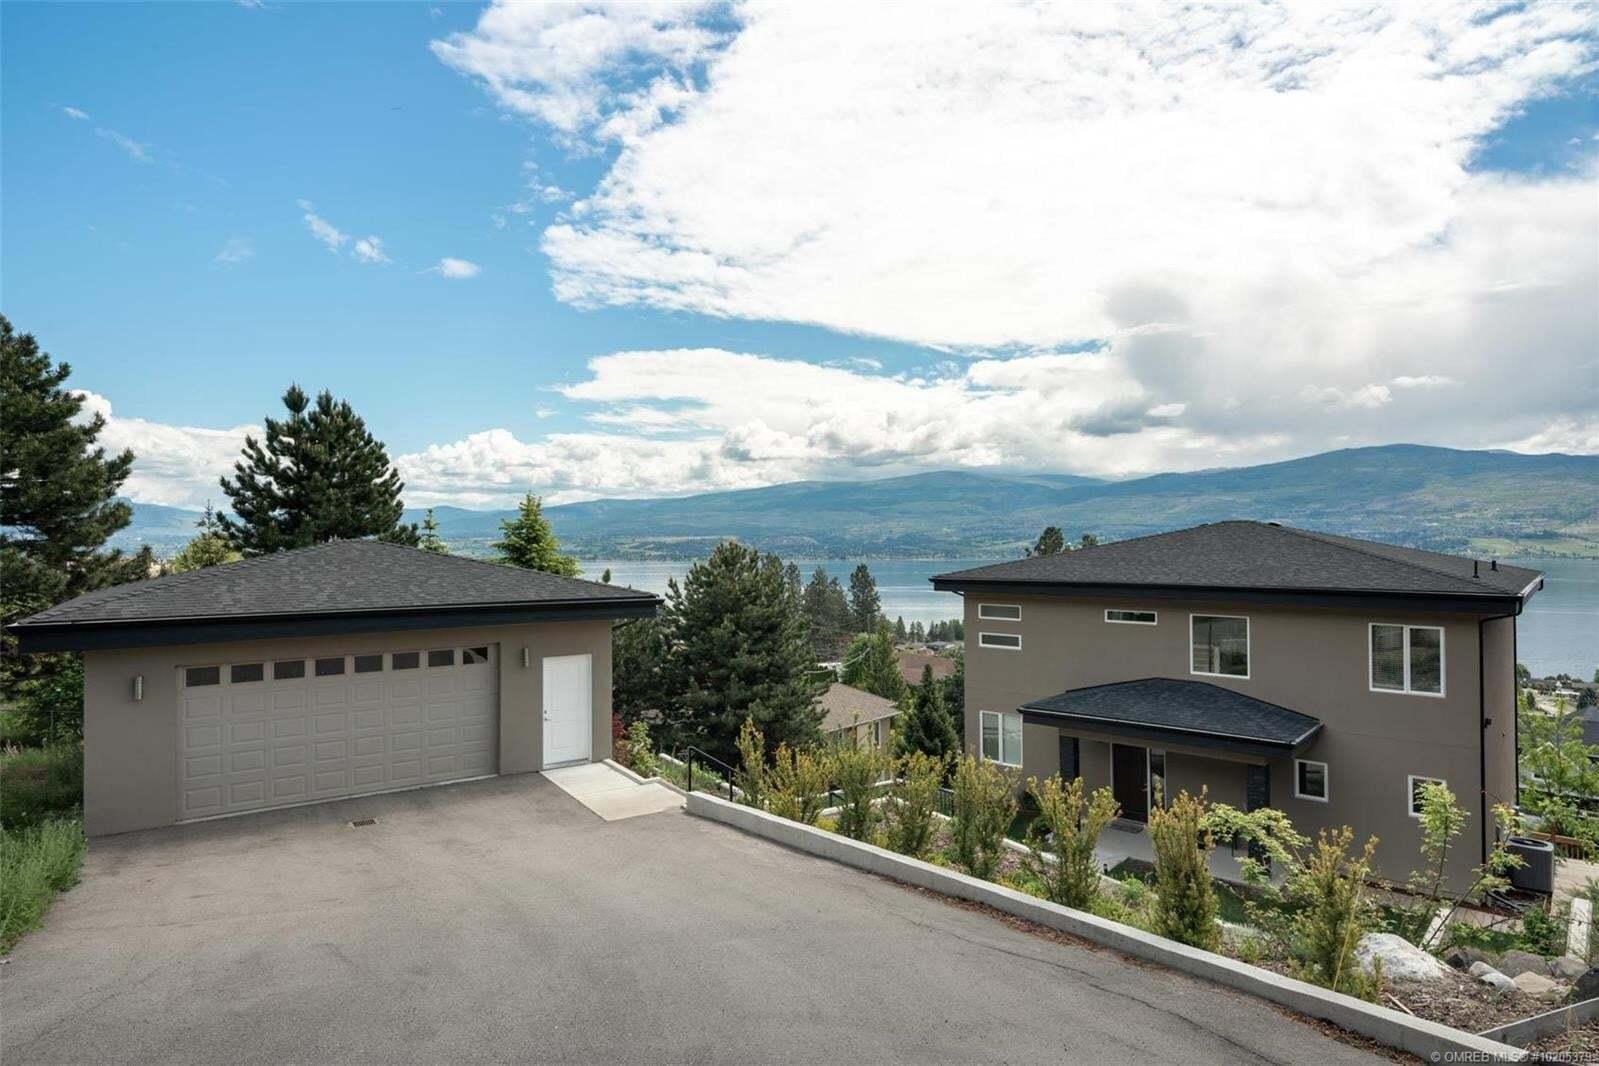 House for sale at 1247 Menu Rd West Kelowna British Columbia - MLS: 10205379